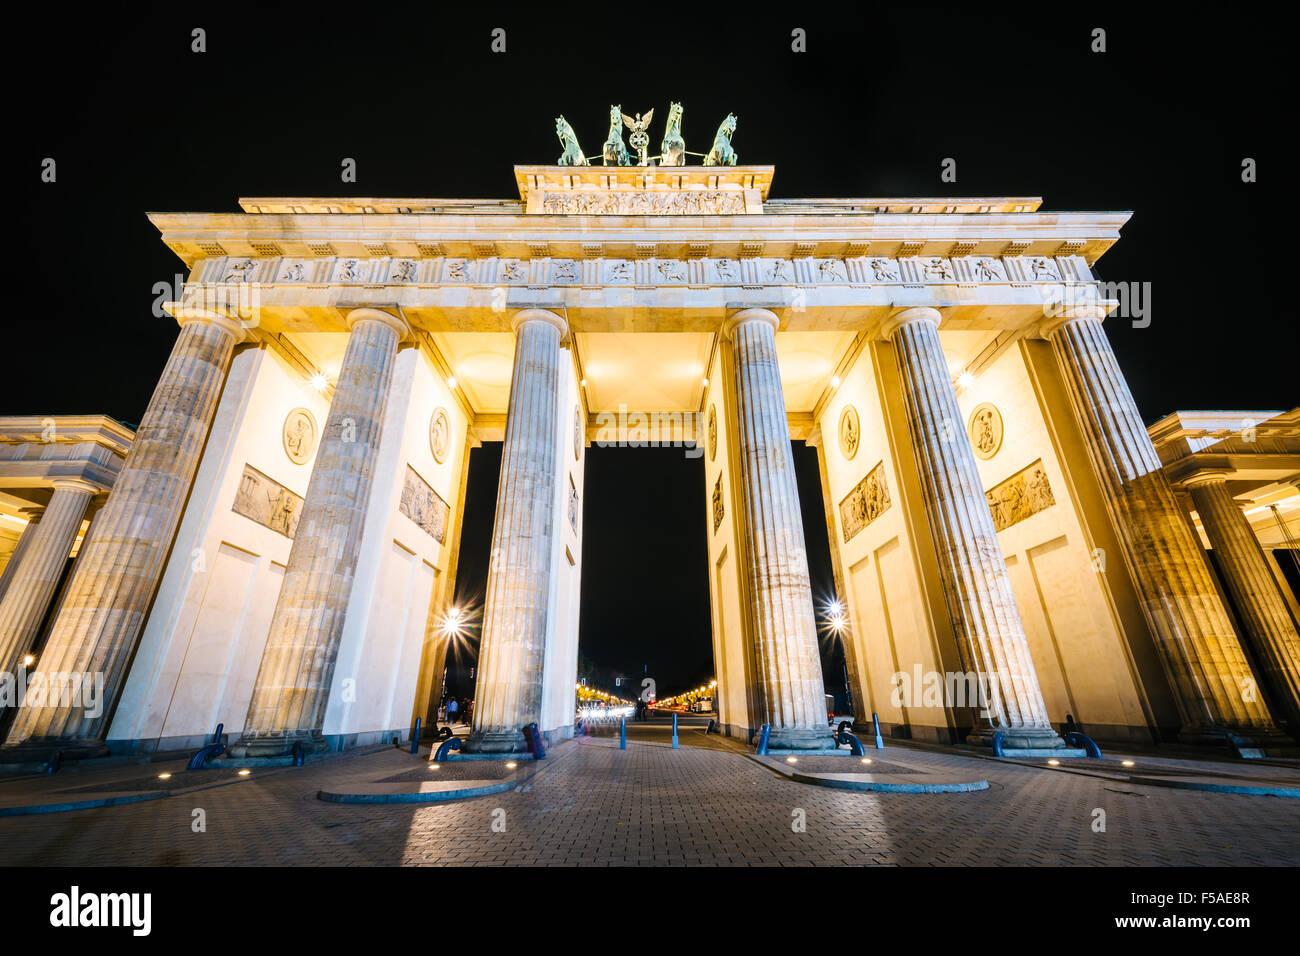 La Porta di Brandeburgo di notte, a Berlino, Germania. Immagini Stock